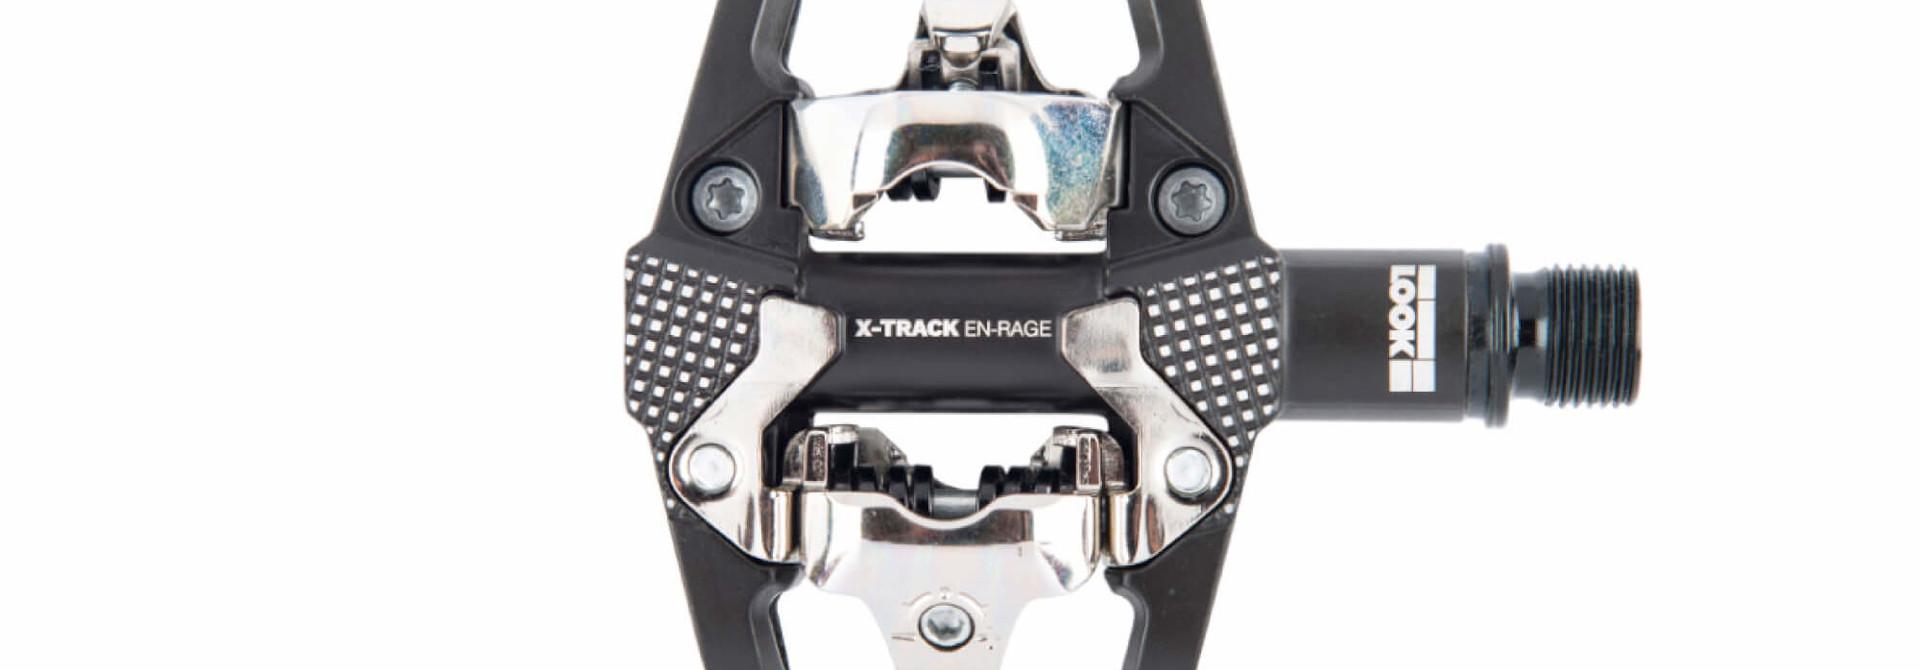 Pedal X-Track En-Rage